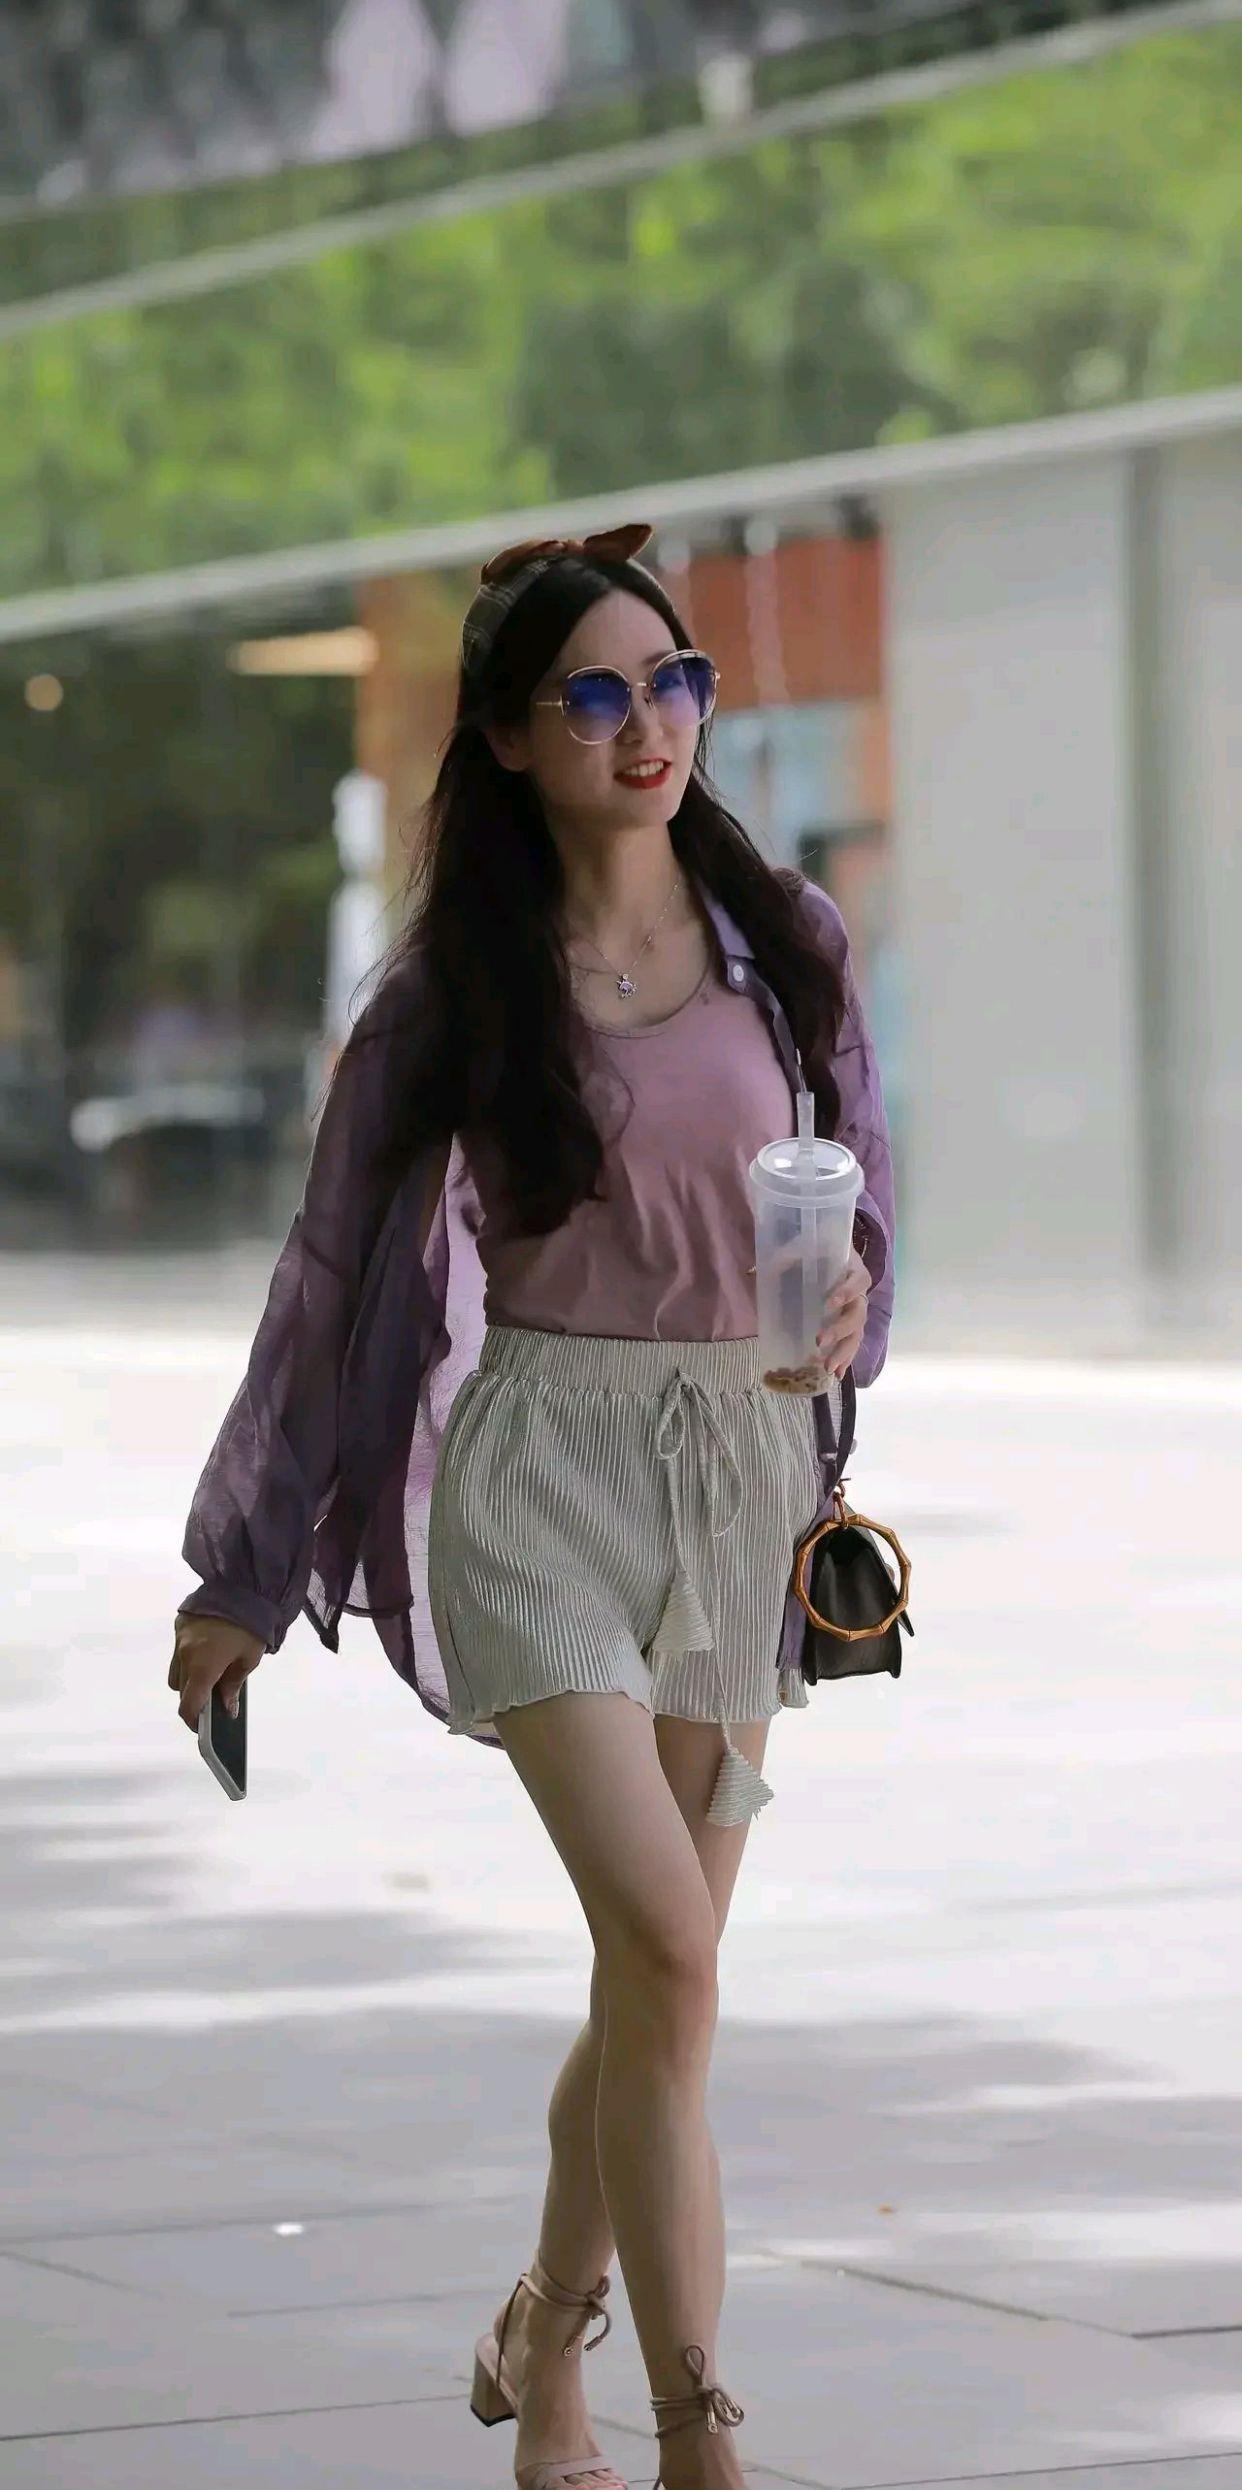 紫色防晒衣内搭打底衫,再穿一条针织短裤,气质优雅怡人